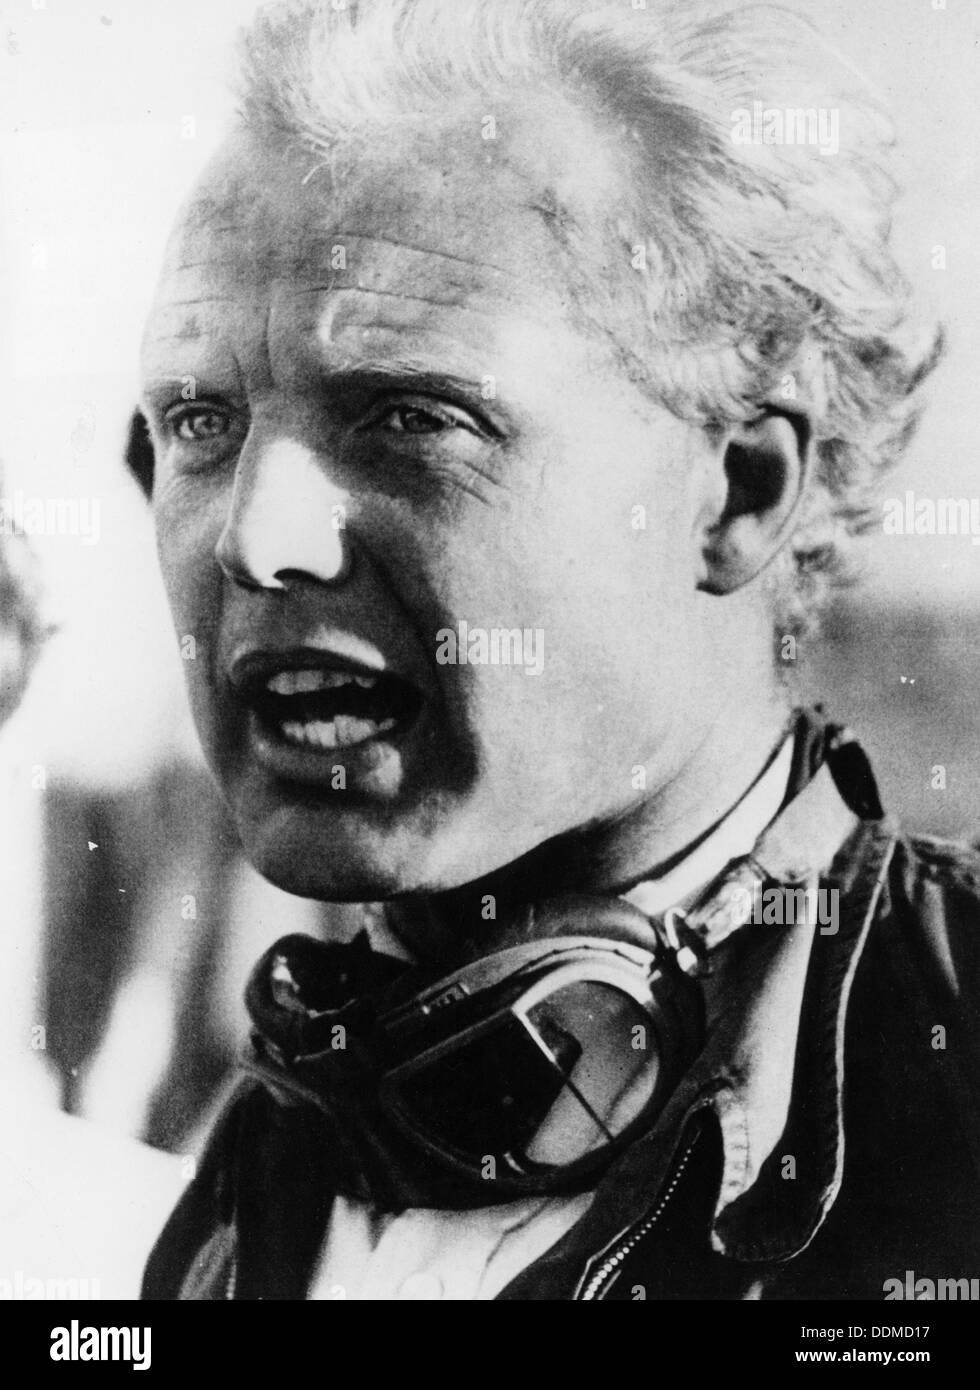 Mike Hawthorn, pilote de course, milieu des années 1950. Photo Stock